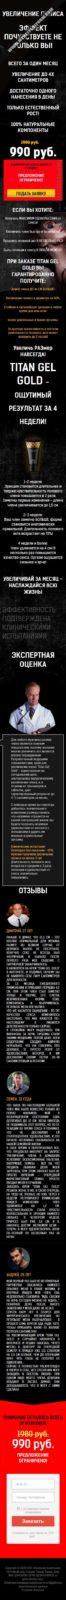 Скриншот Готового лендинга Titan Gel Gold мужской гель 002 - моб